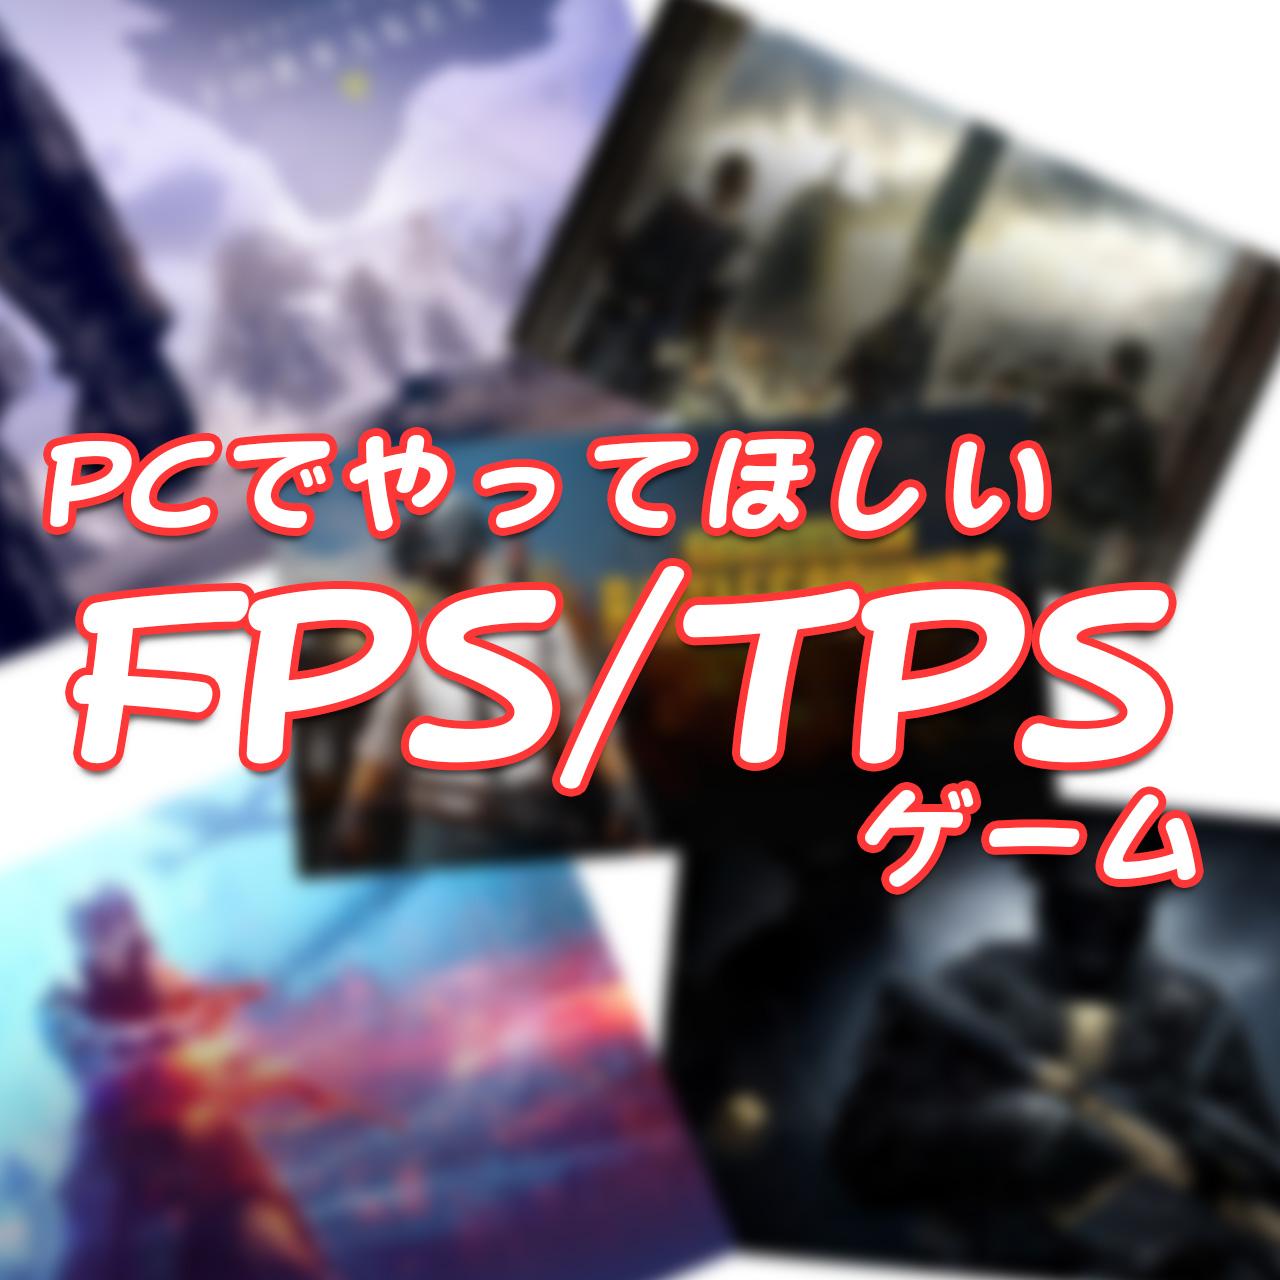 【PCでやってほしい!】勝手に選んだFPS・TPSゲーム5選!